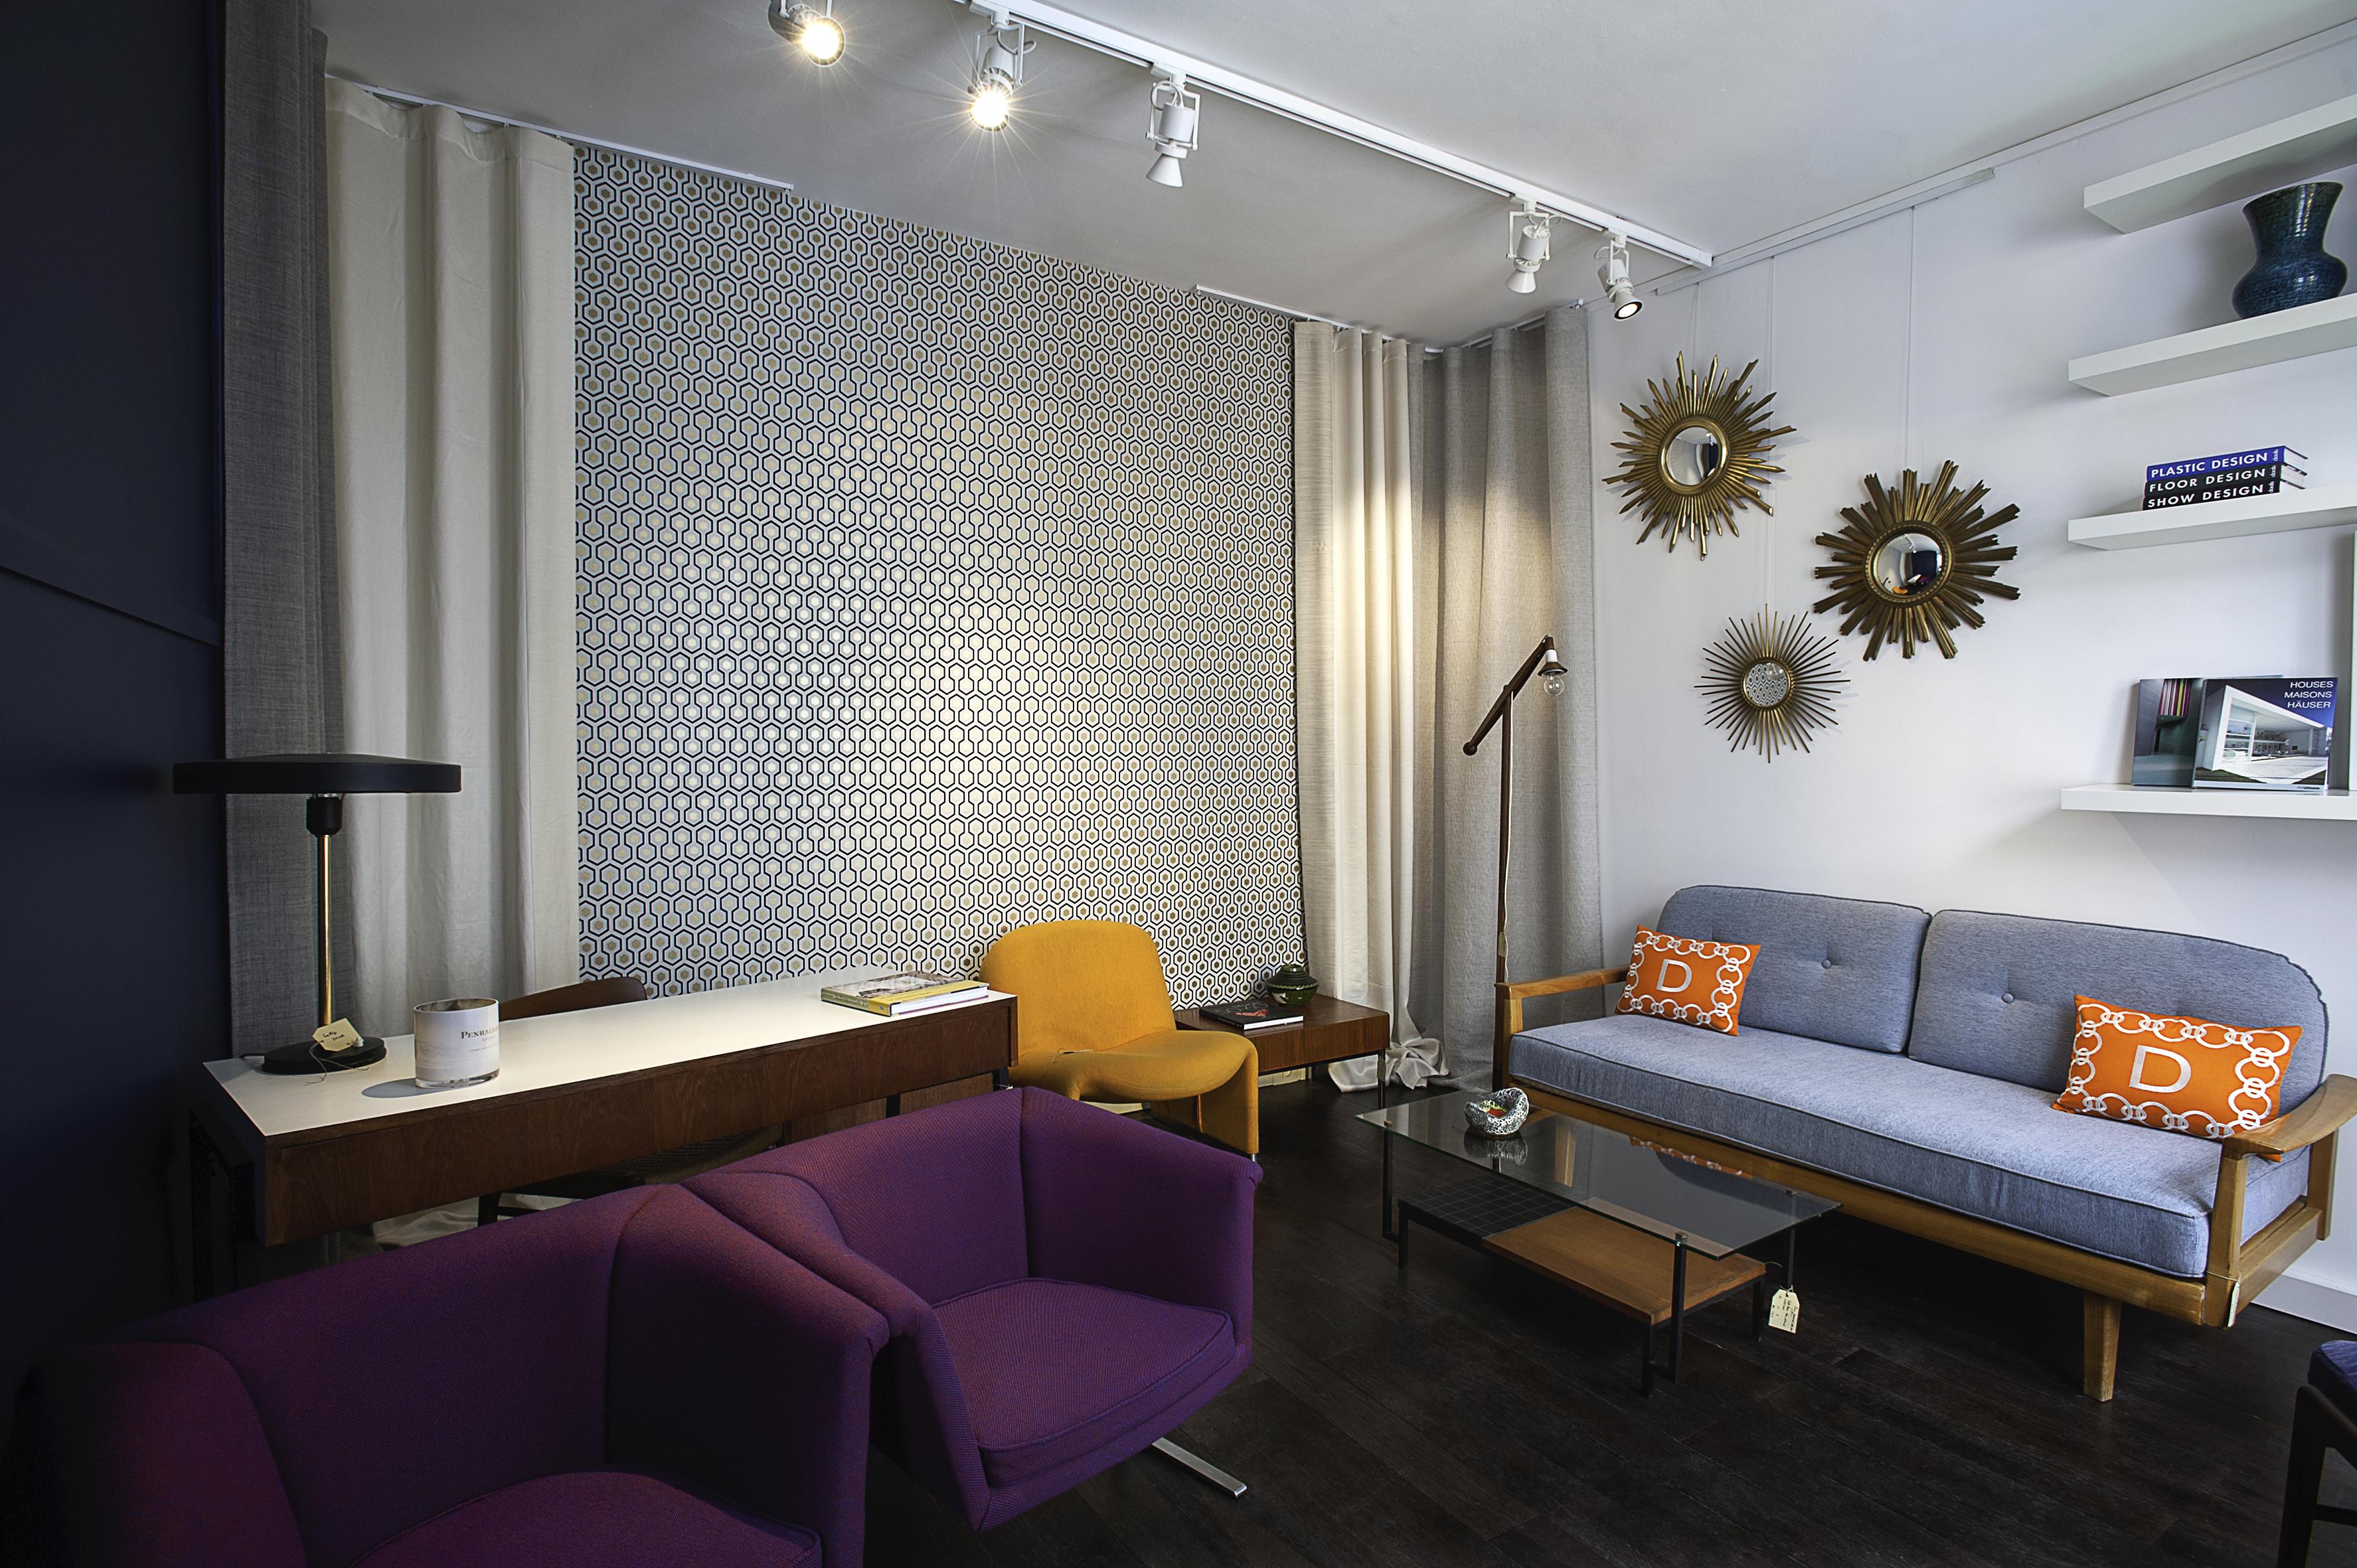 Cabinet 2d un show room de meuble vintage au coeur de paris - Cabinet d architecture d interieur paris ...